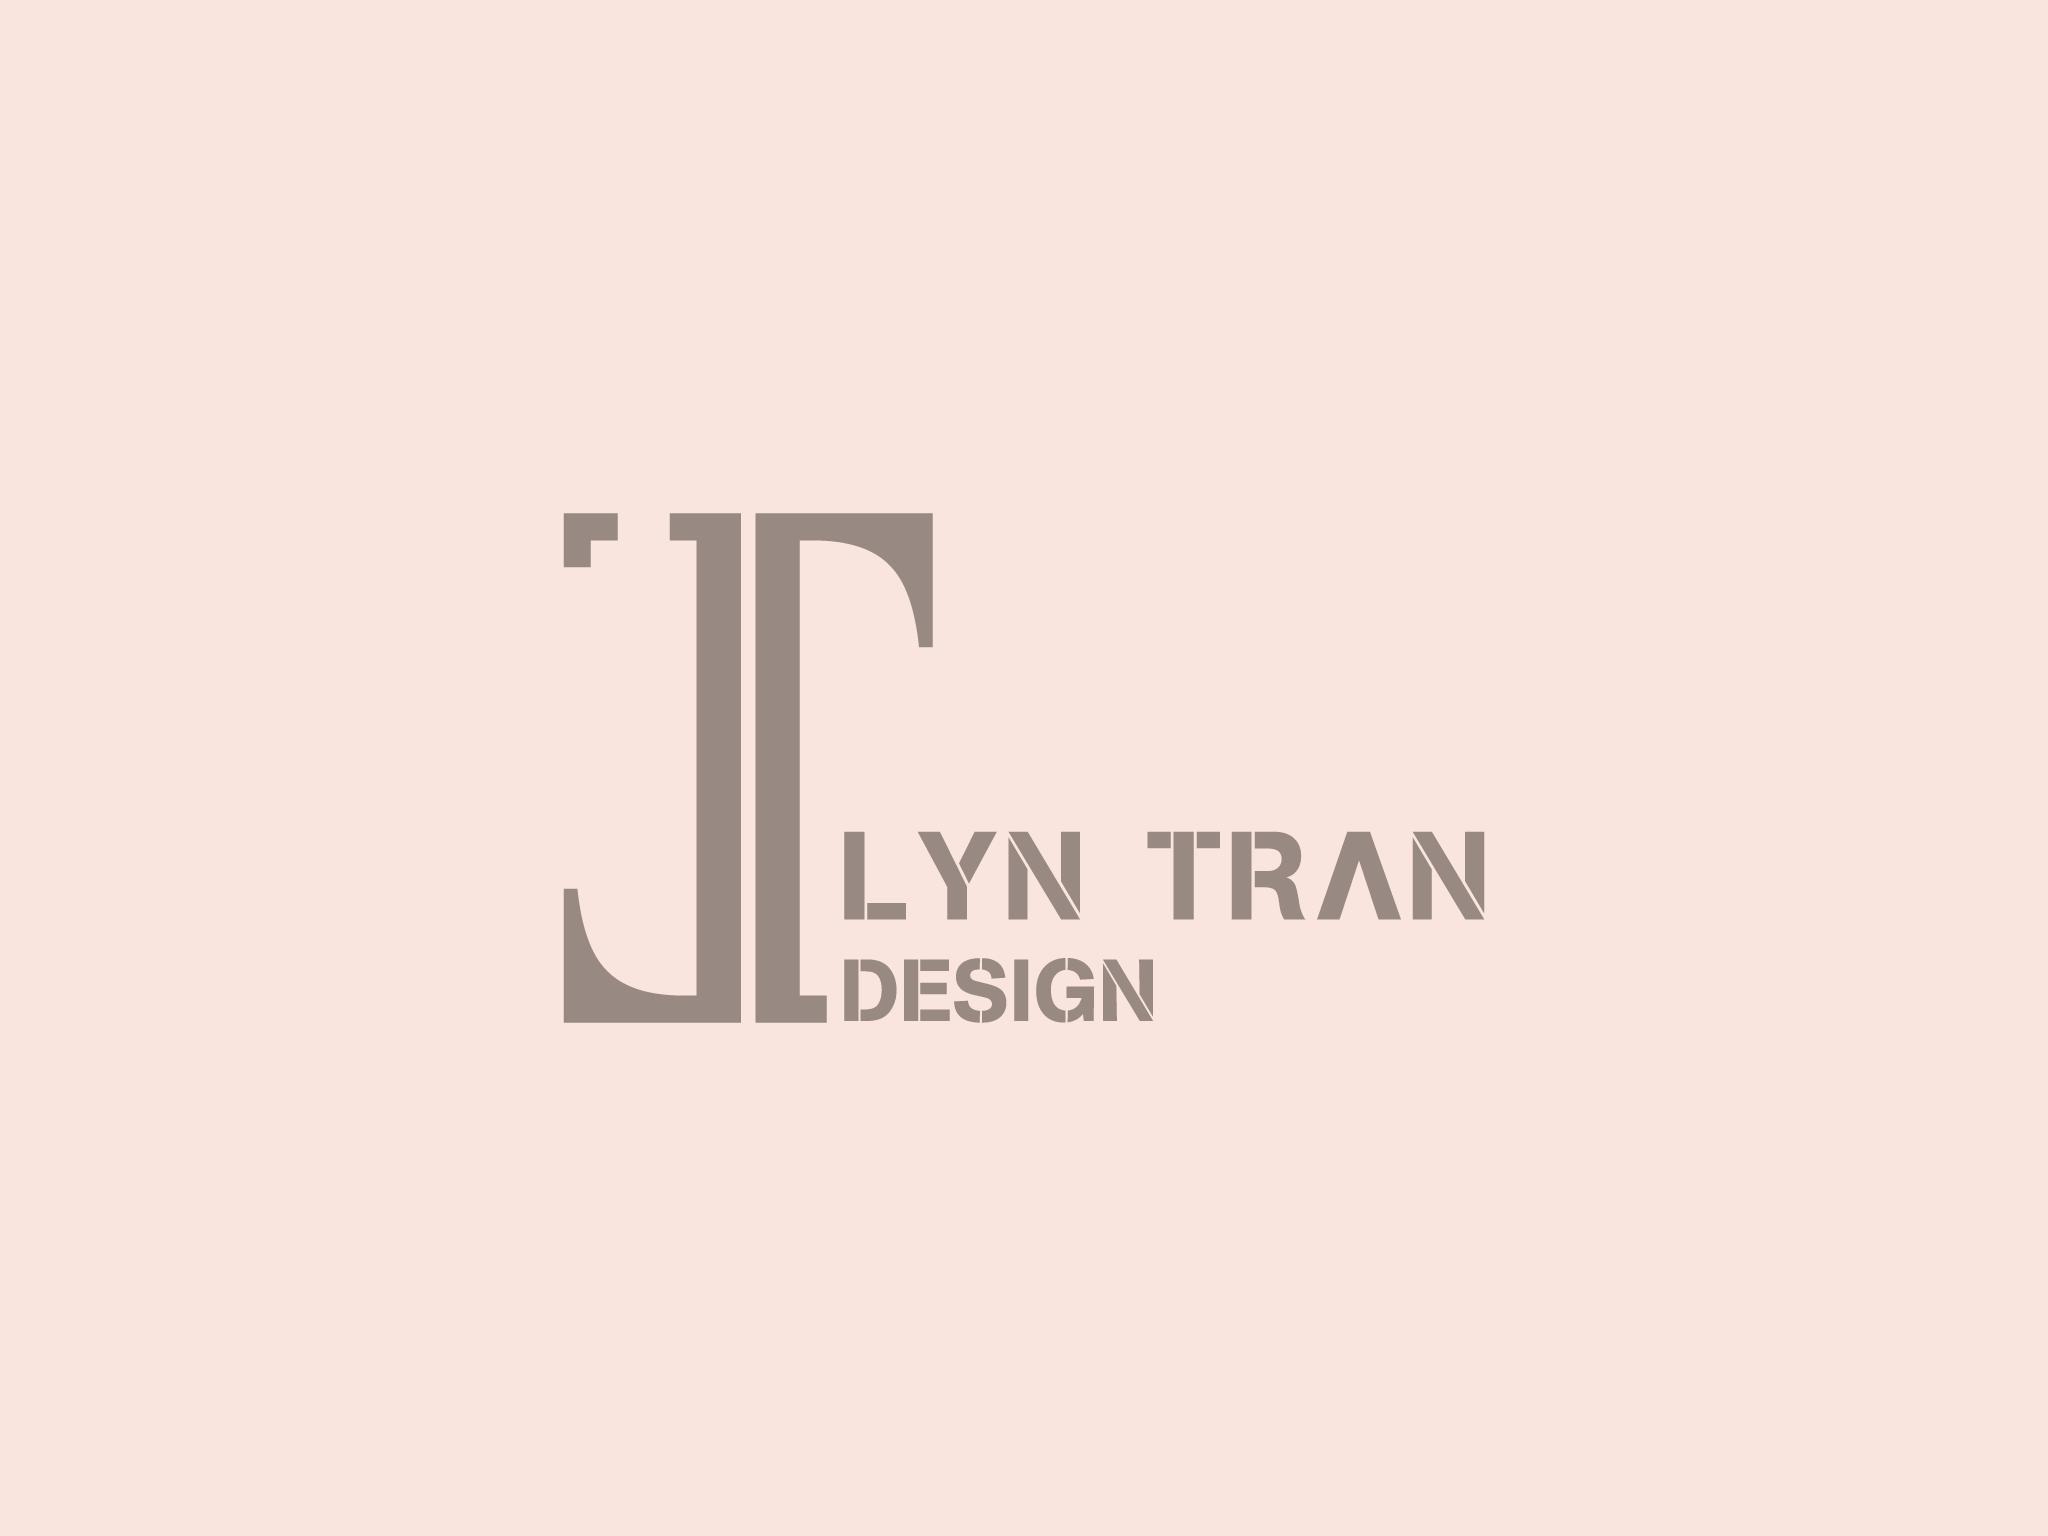 Logo LYN TRAN